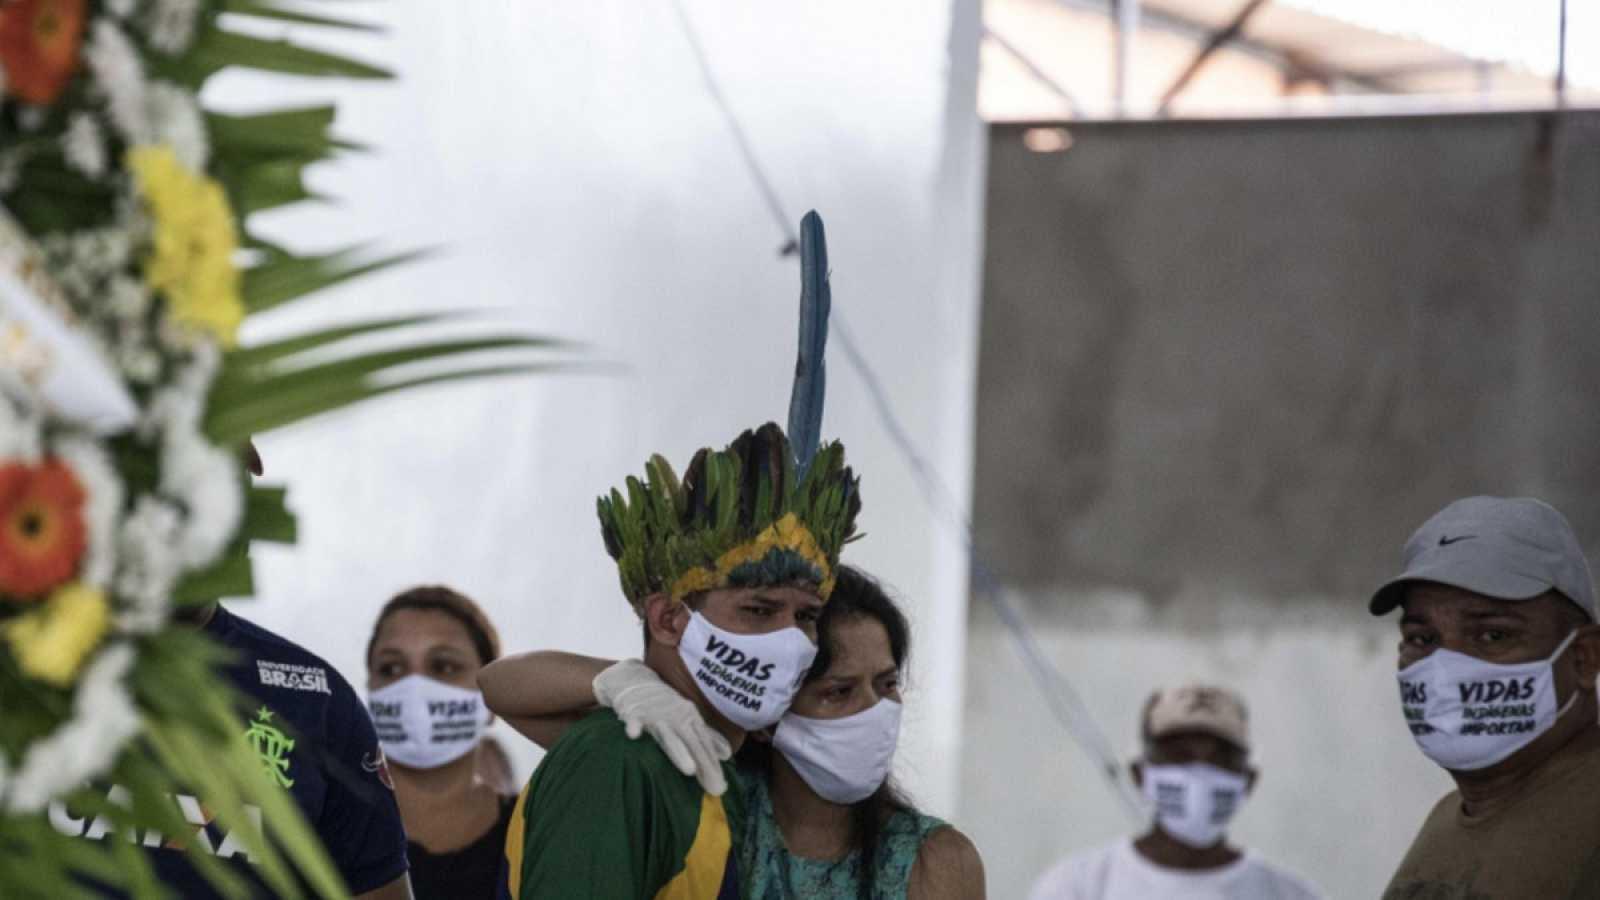 Brasil supera los 15.000 muertos con coronavirus y ya es el cuarto país con más contagios del mundo